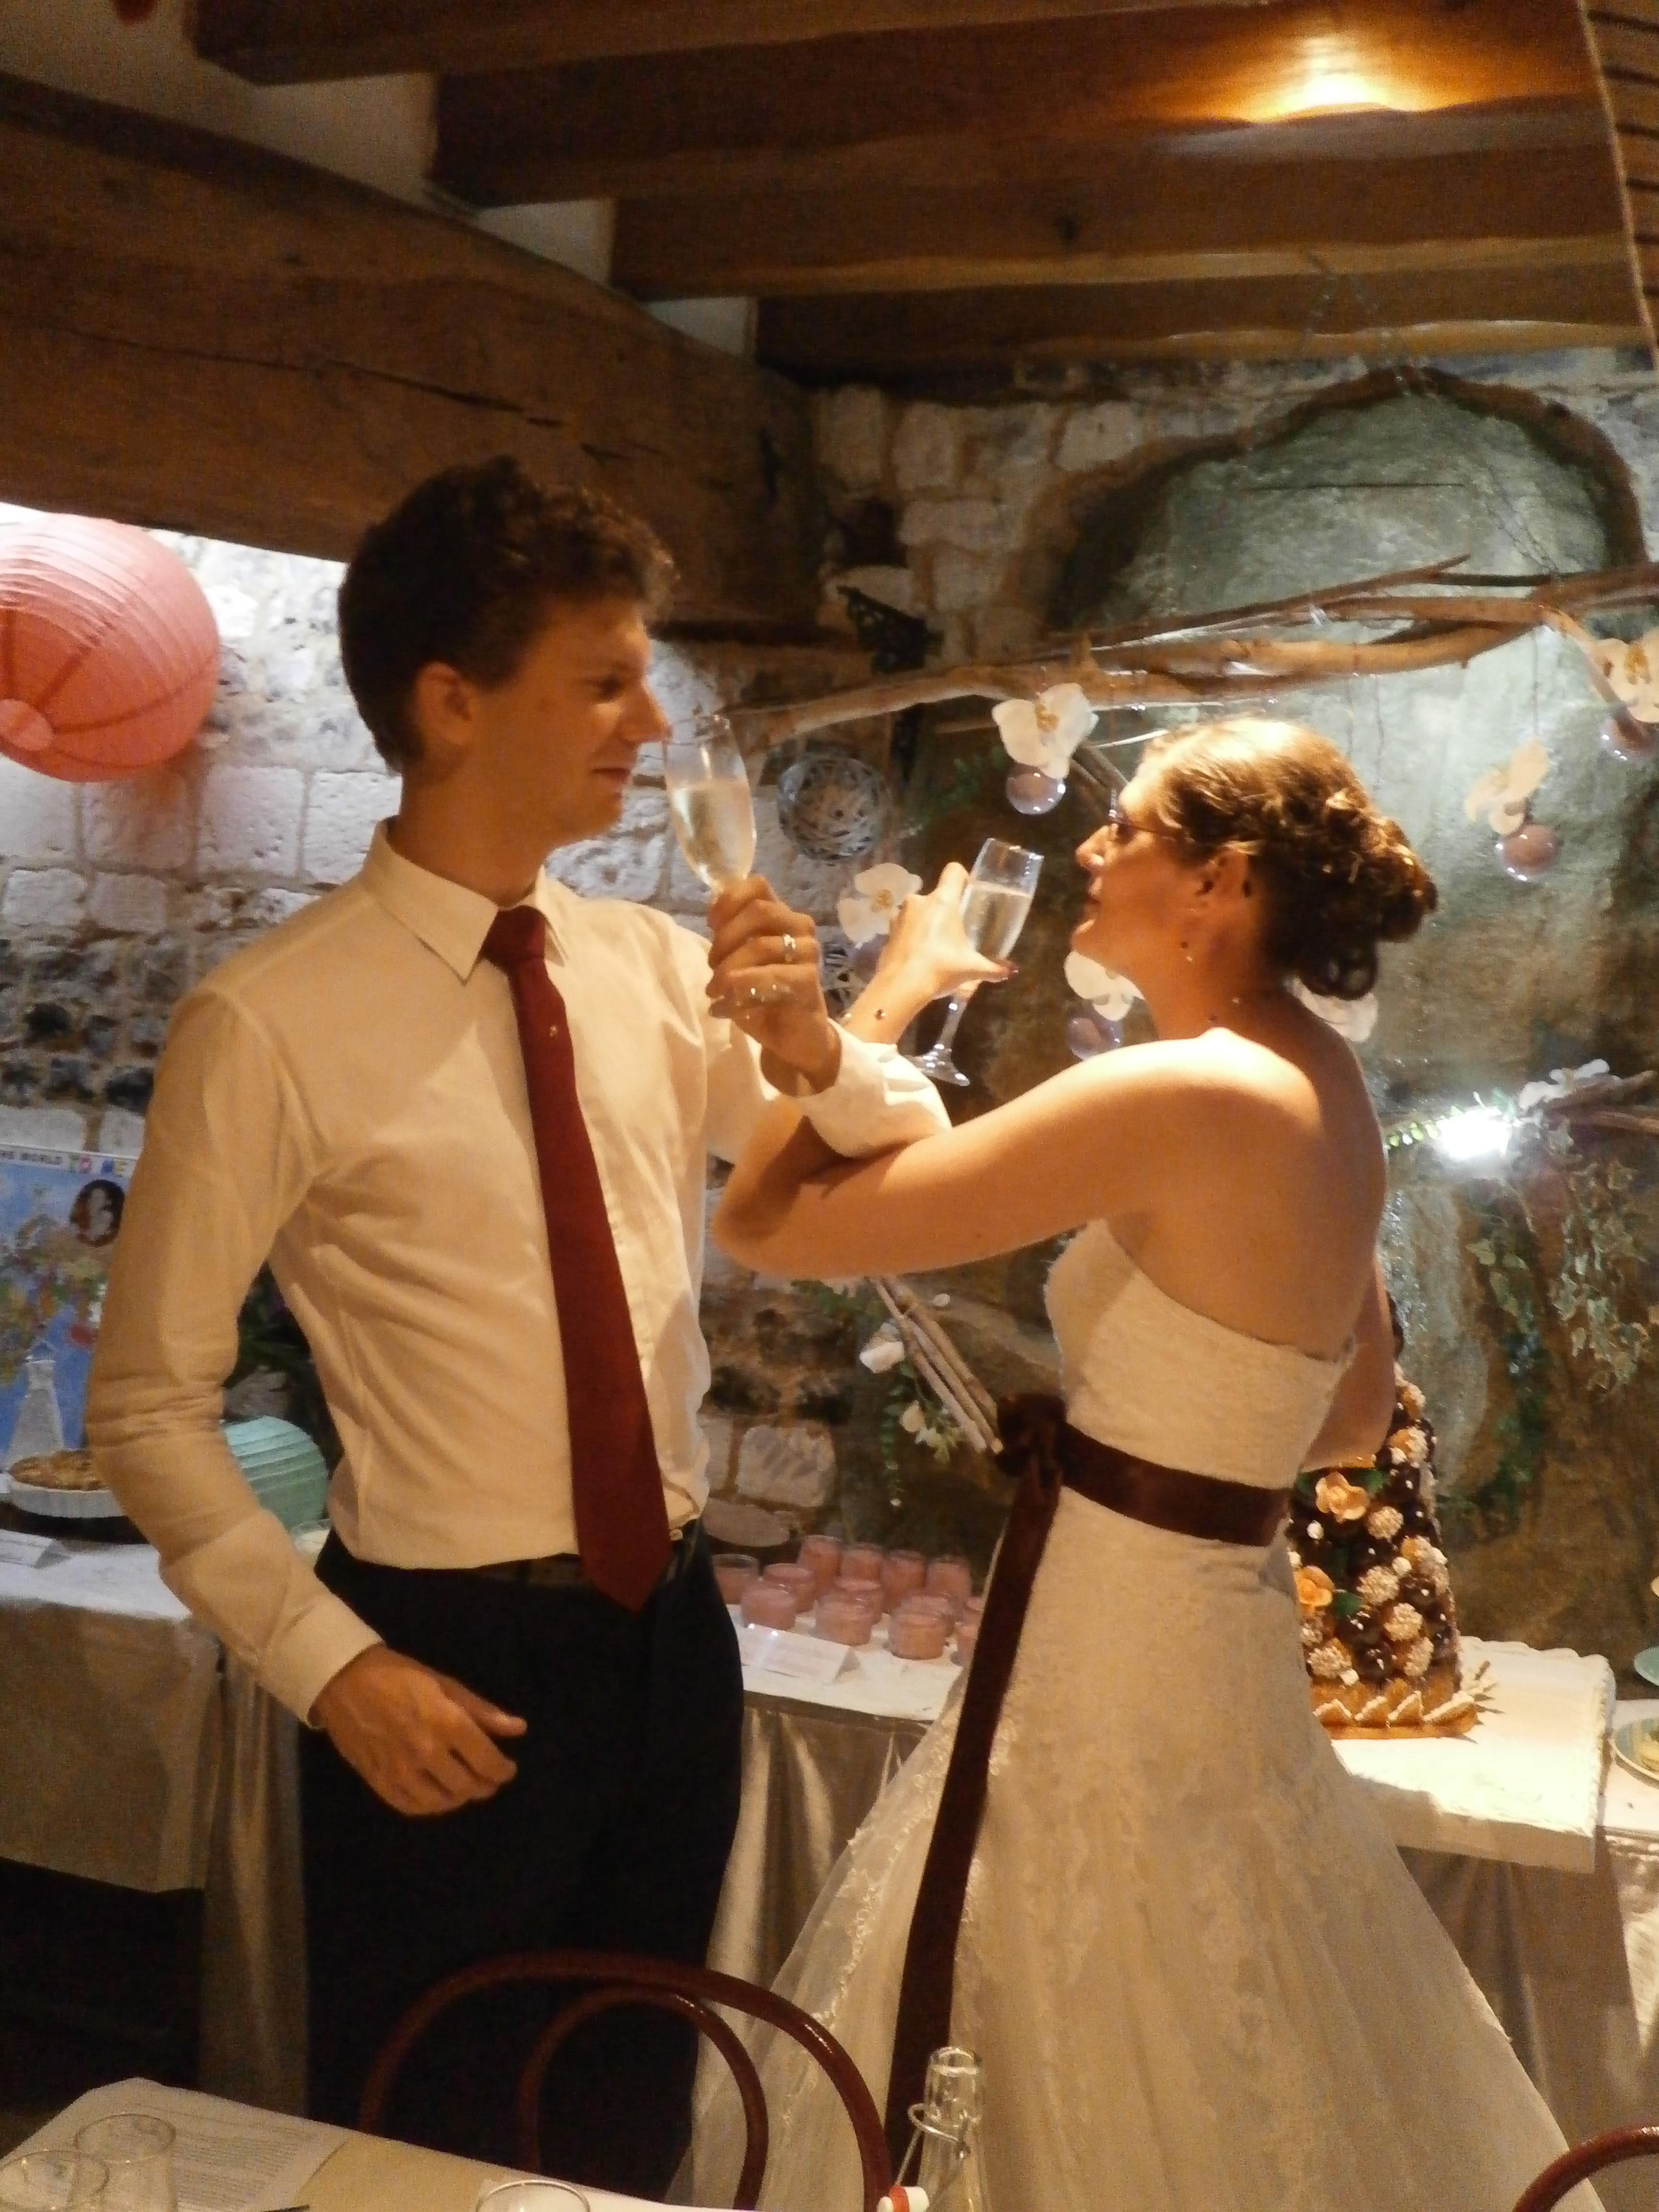 Mon mariage participatif et trilingue : le repas et ses couacs